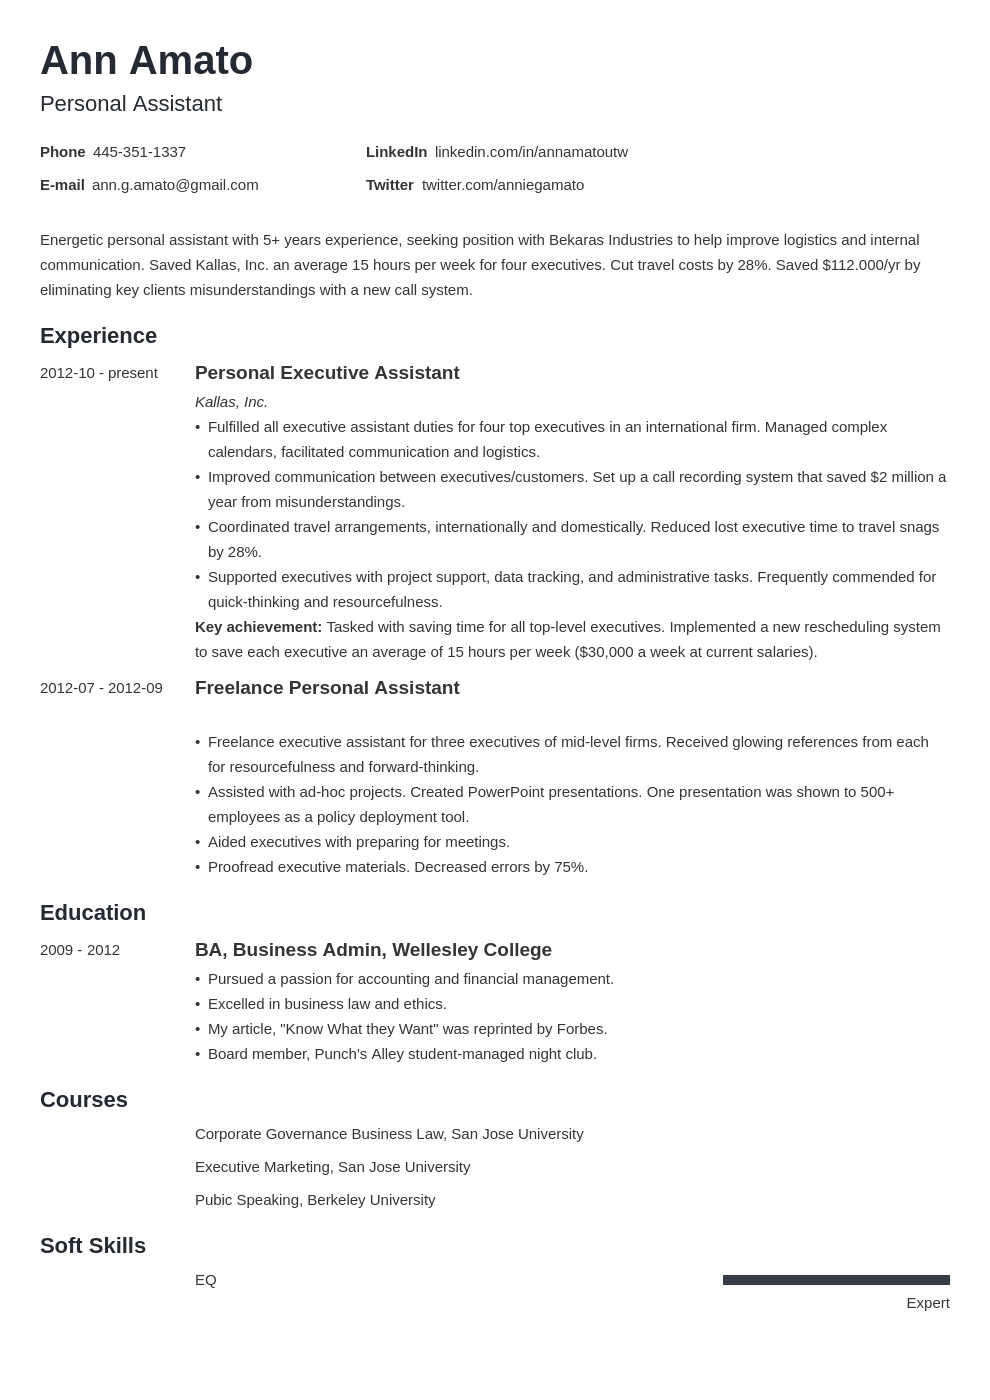 Personal Assistant Resume (Sample Job Description & Skills